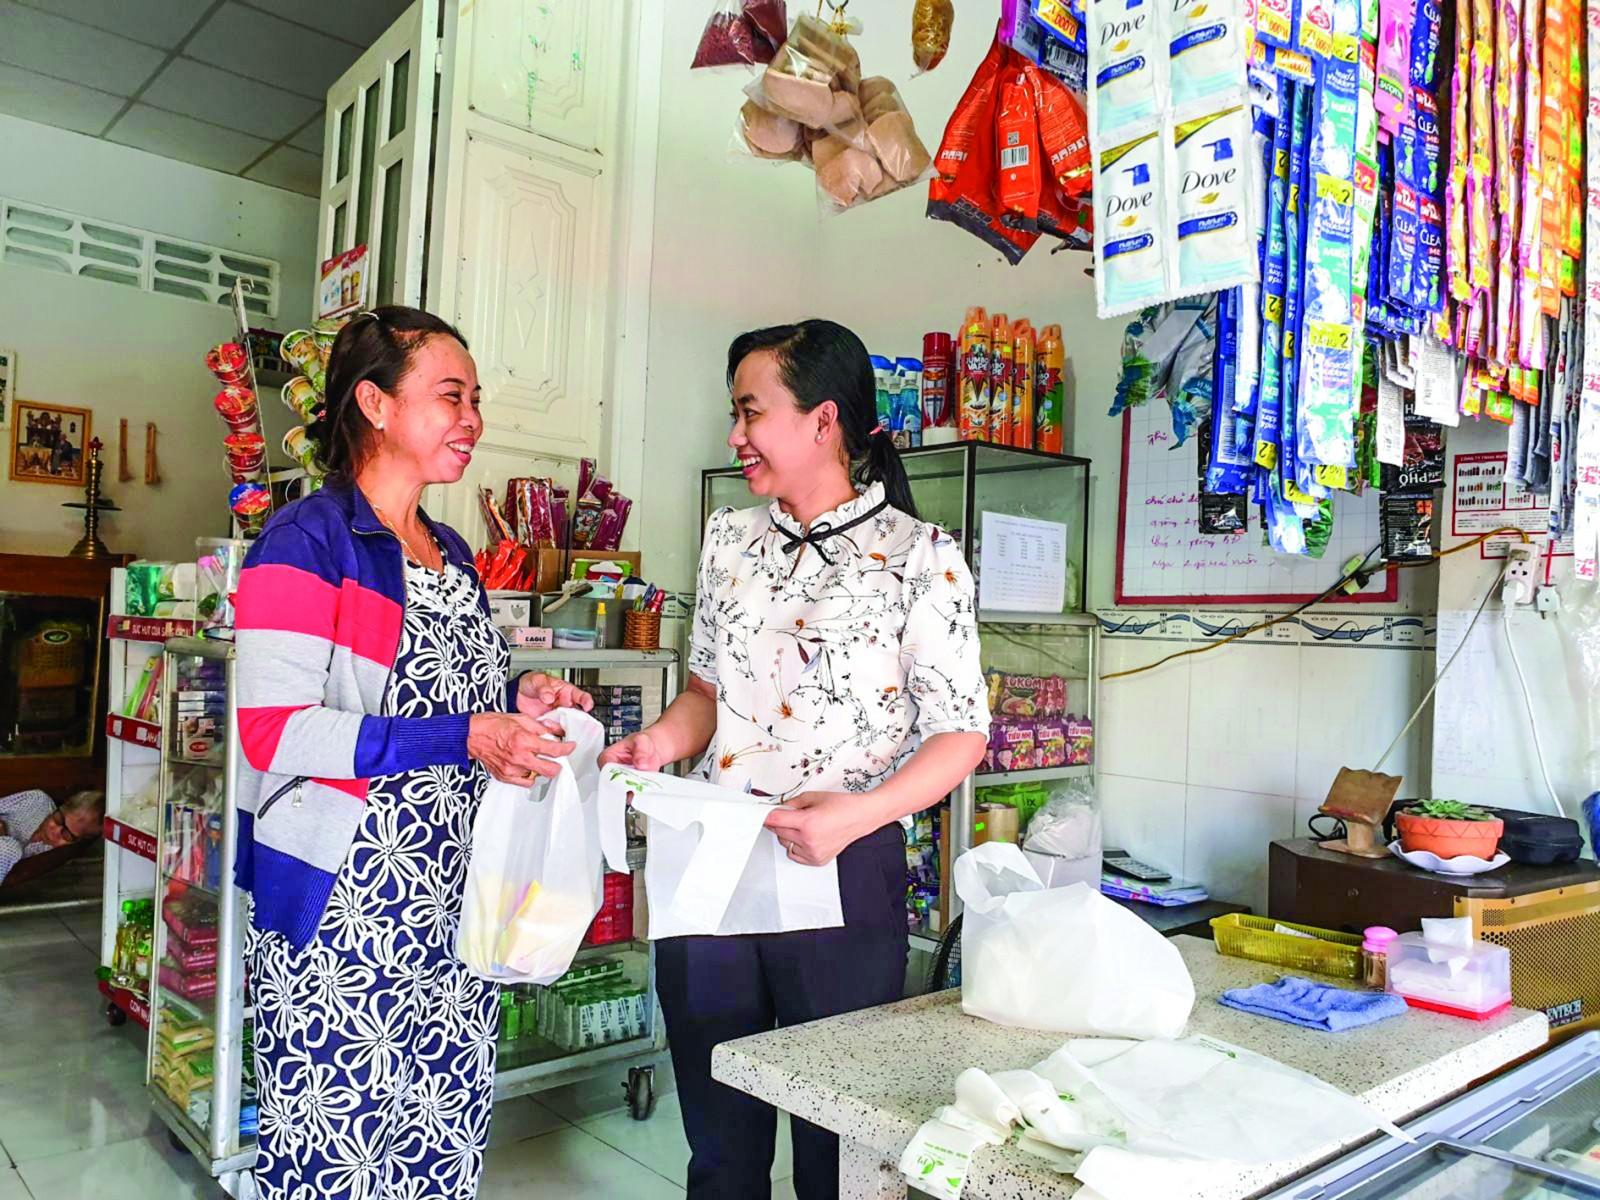 Cán bộ Hội LHPN thị trấn Cờ Đỏ (bên phải) thường xuyên tuyên truyền, vận động chị em tiểu thương cam kết sử dụng túi sinh học trong mua bán thực phẩm.